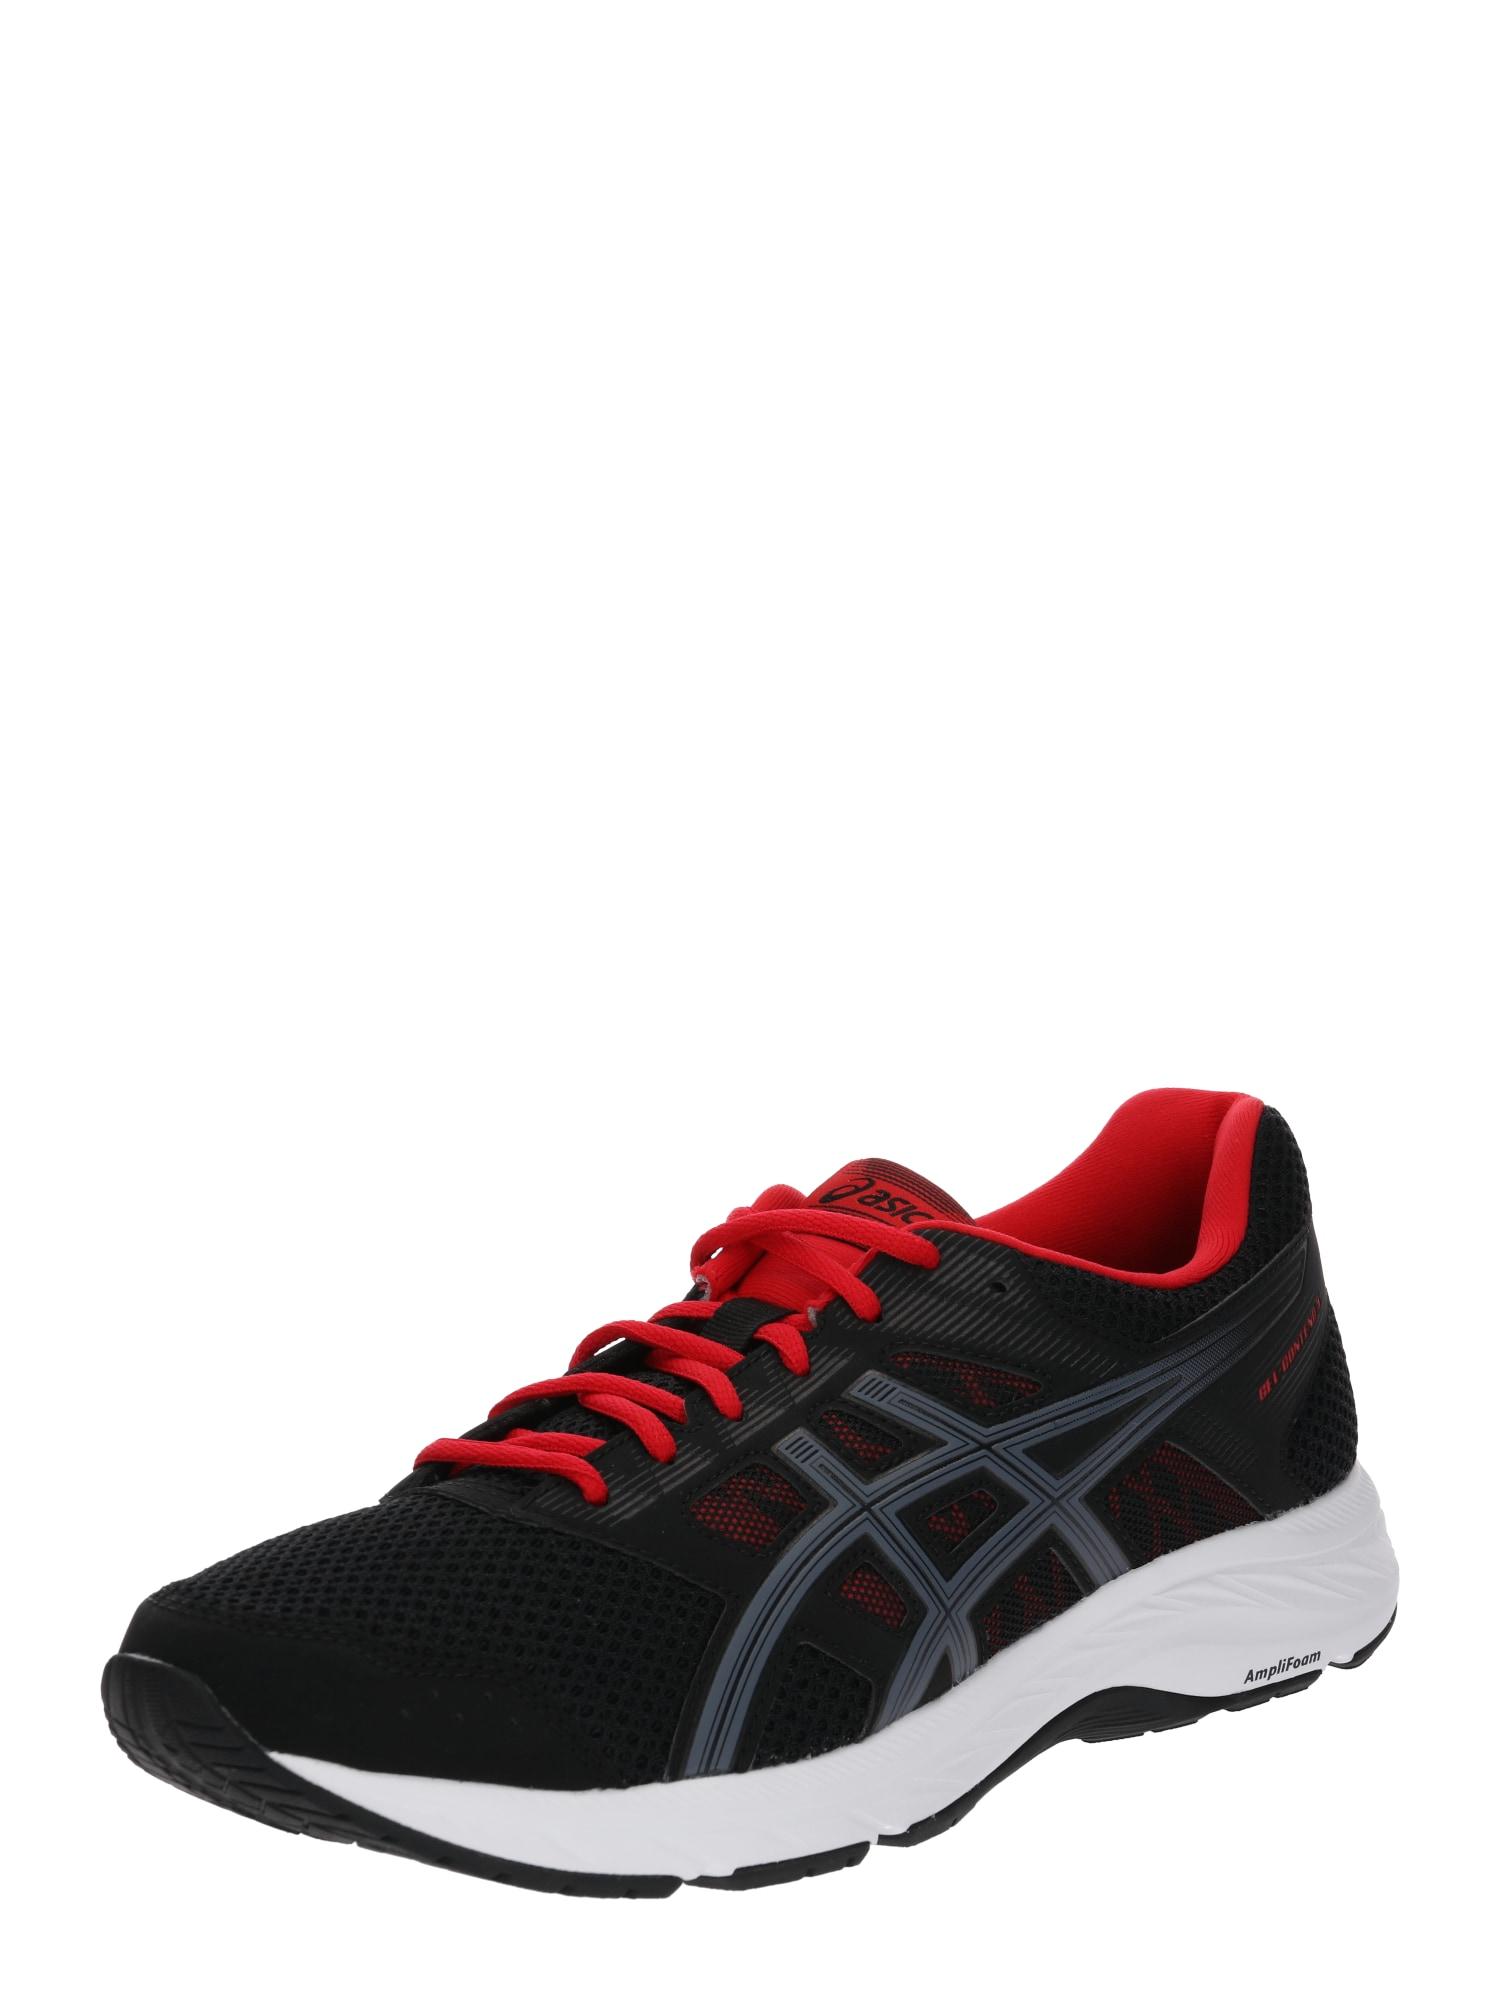 Běžecká obuv Gel-Contend 5 šedá červená černá ASICS